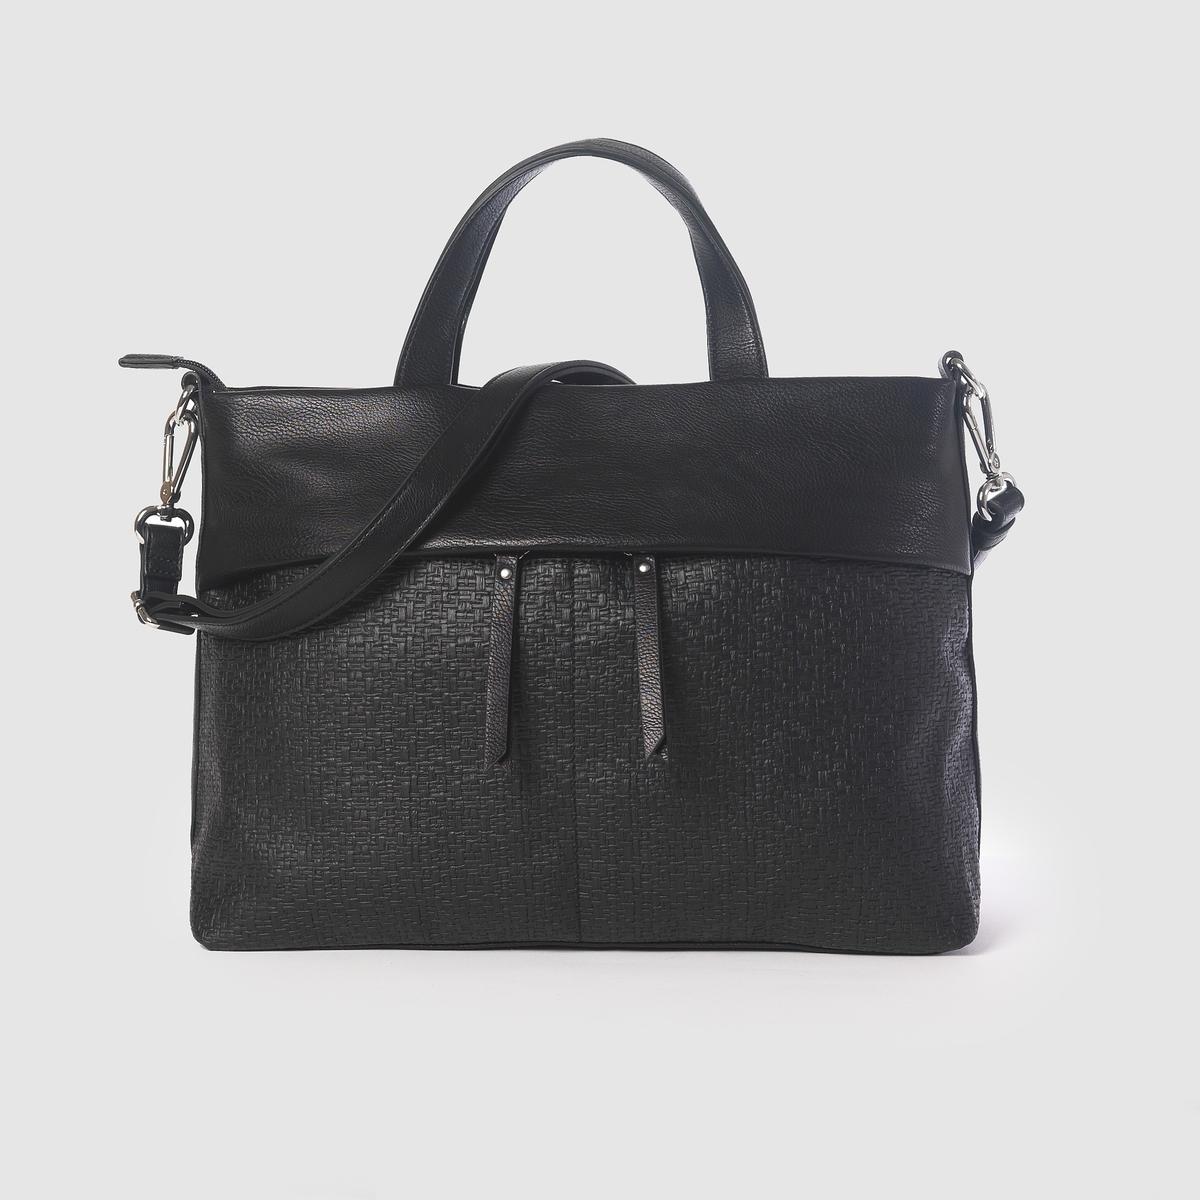 Сумка Fran City BagПреимущества: ESPRIT разработал эту сумку на каждый день для любого стиля.<br><br>Цвет: черный